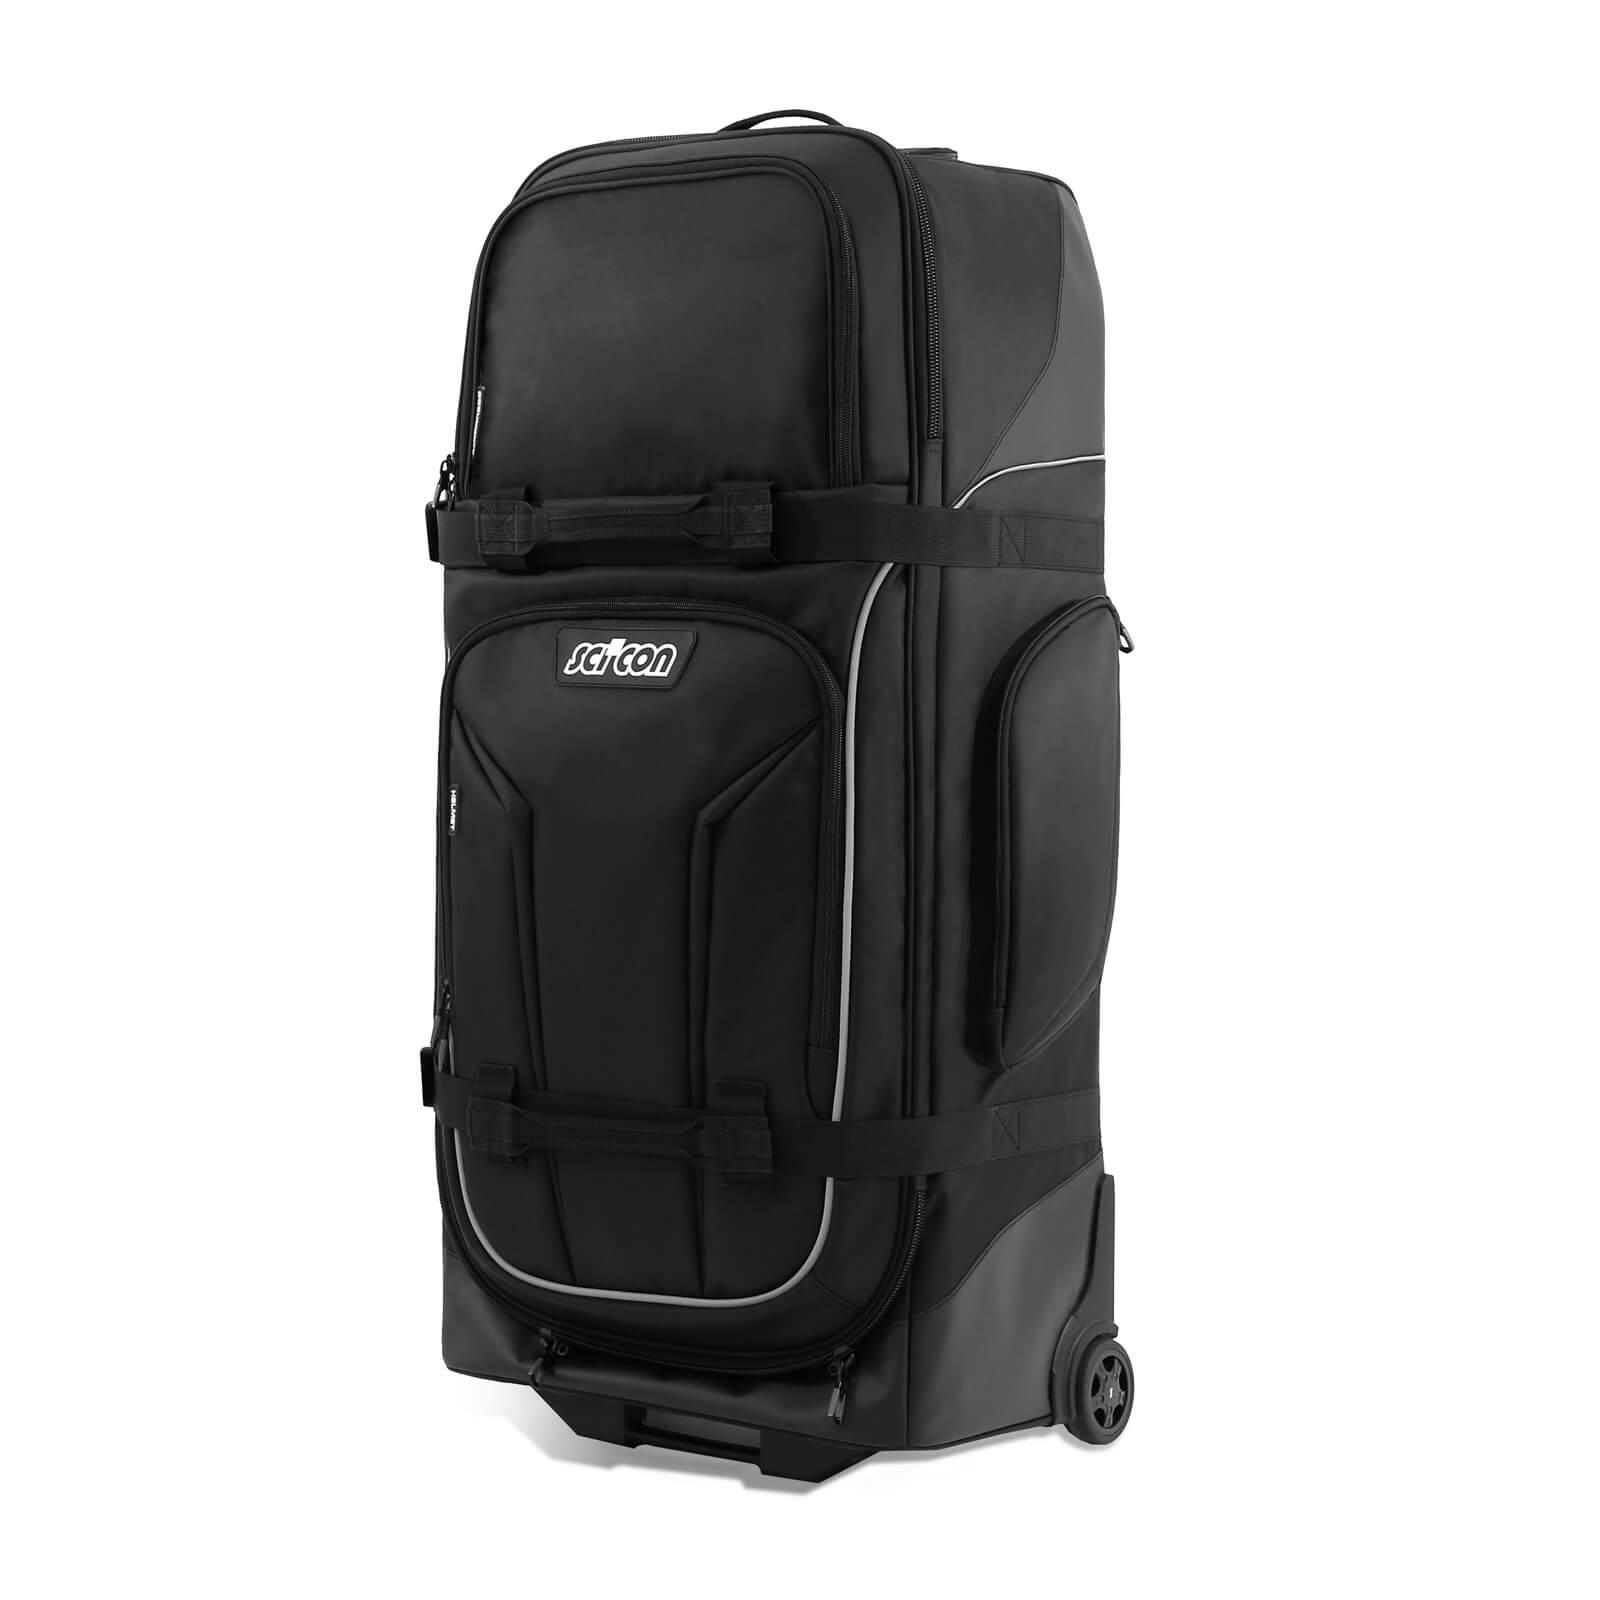 Scicon Trolley Bag - 110L